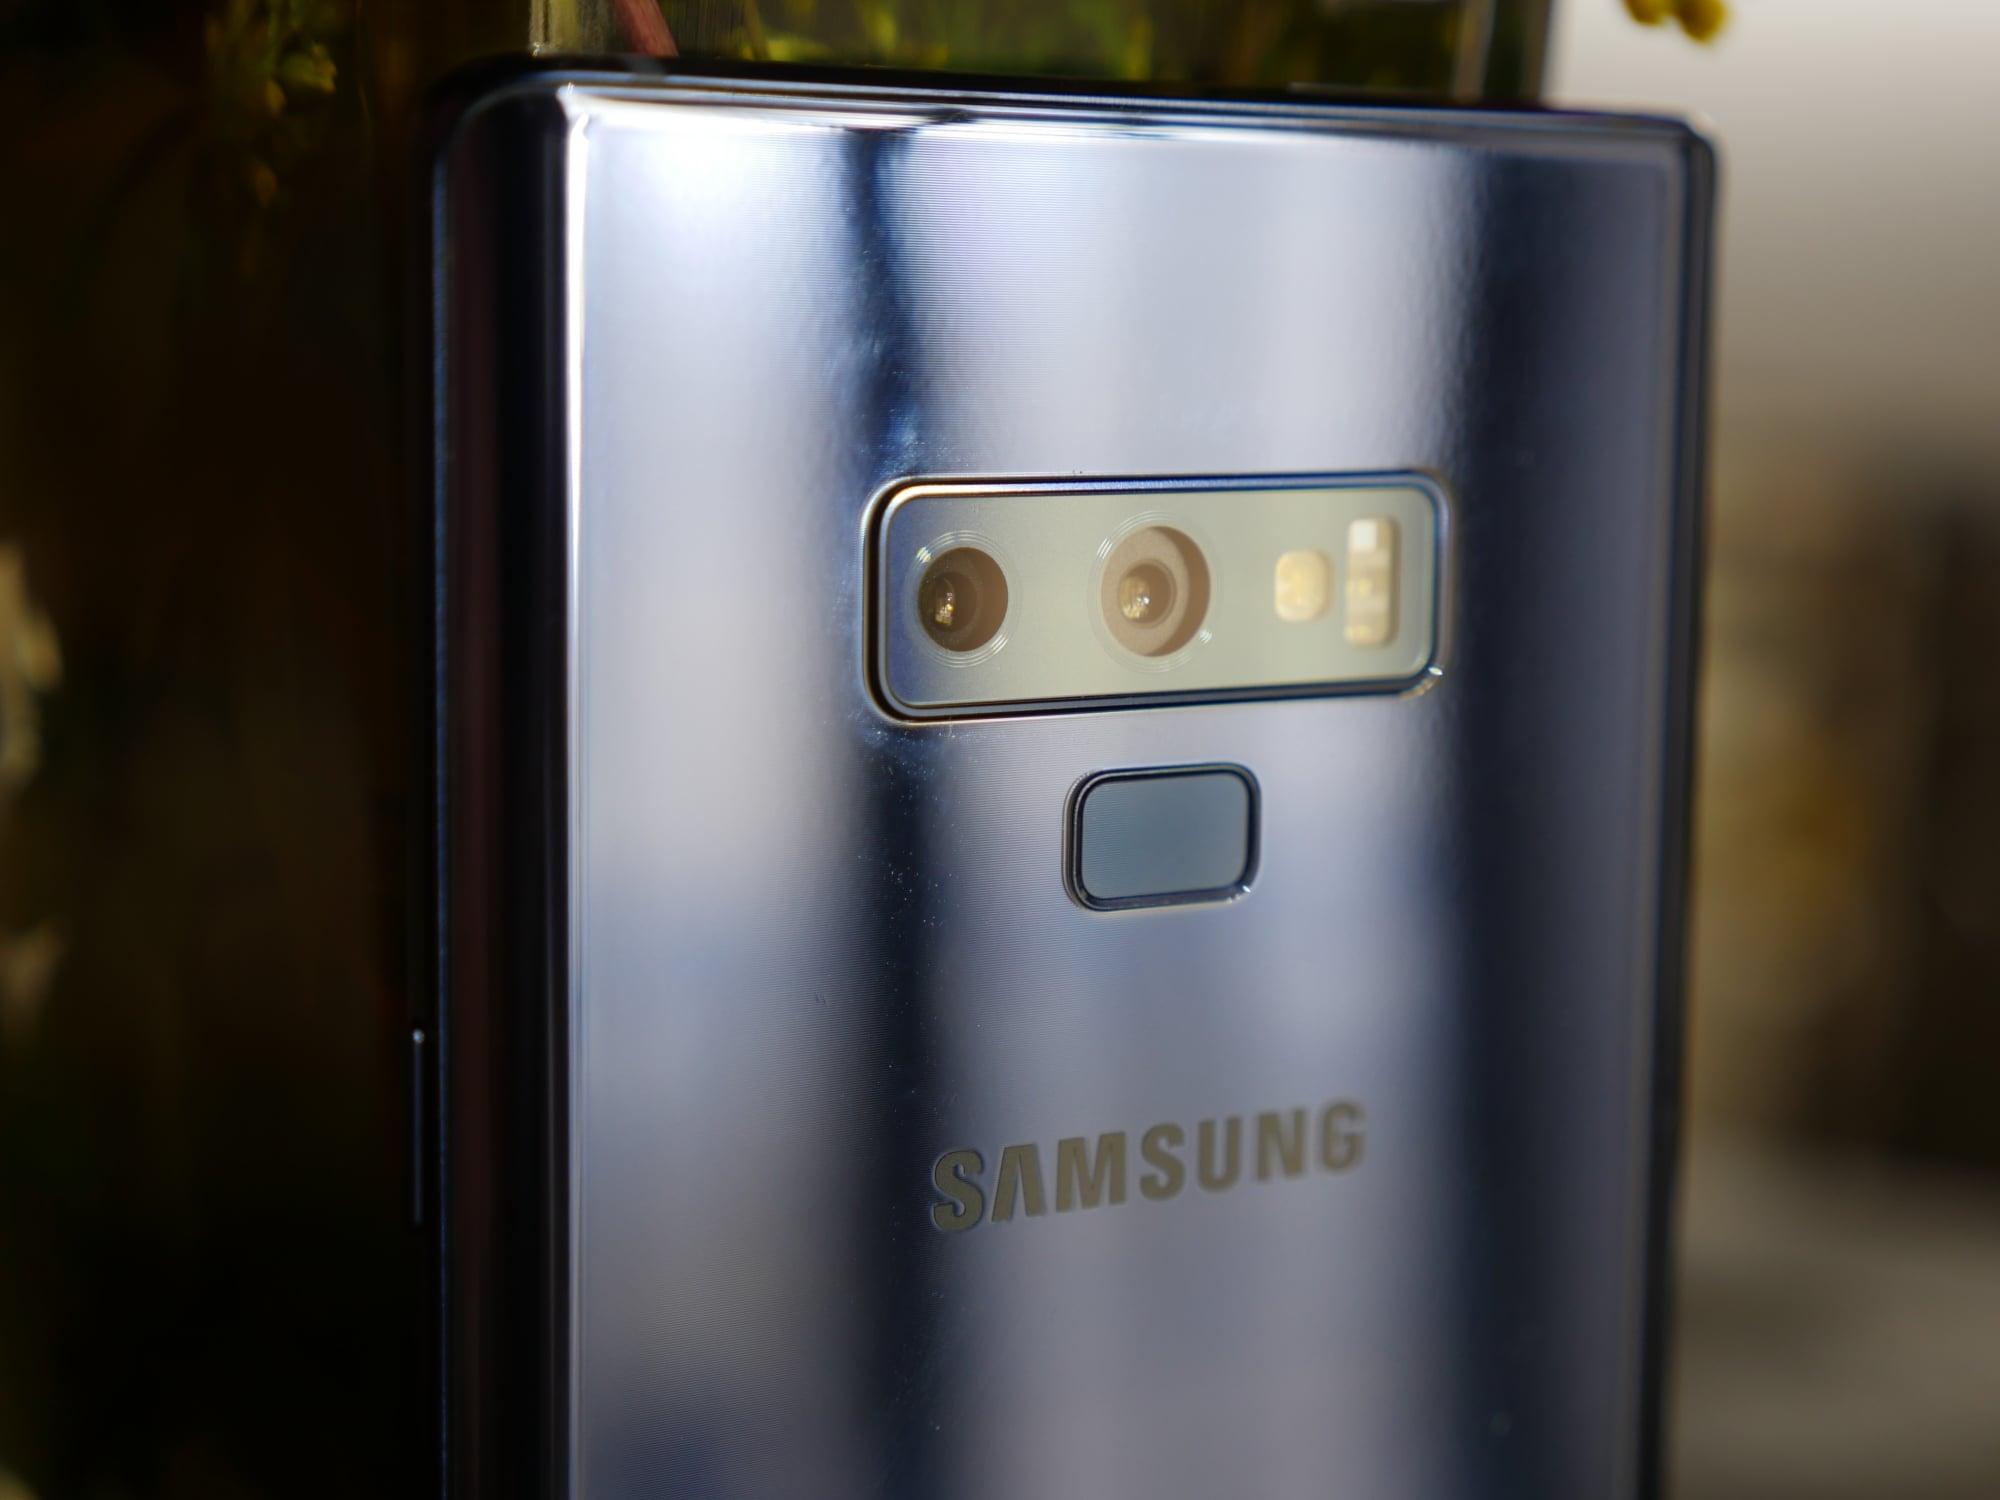 Tabletowo.pl Galaxy Note 9 nie robi tak dobrych zdjęć i filmów jak Huawei P20 Pro. Przynajmniej według DxOMark Android Huawei Samsung Smartfony